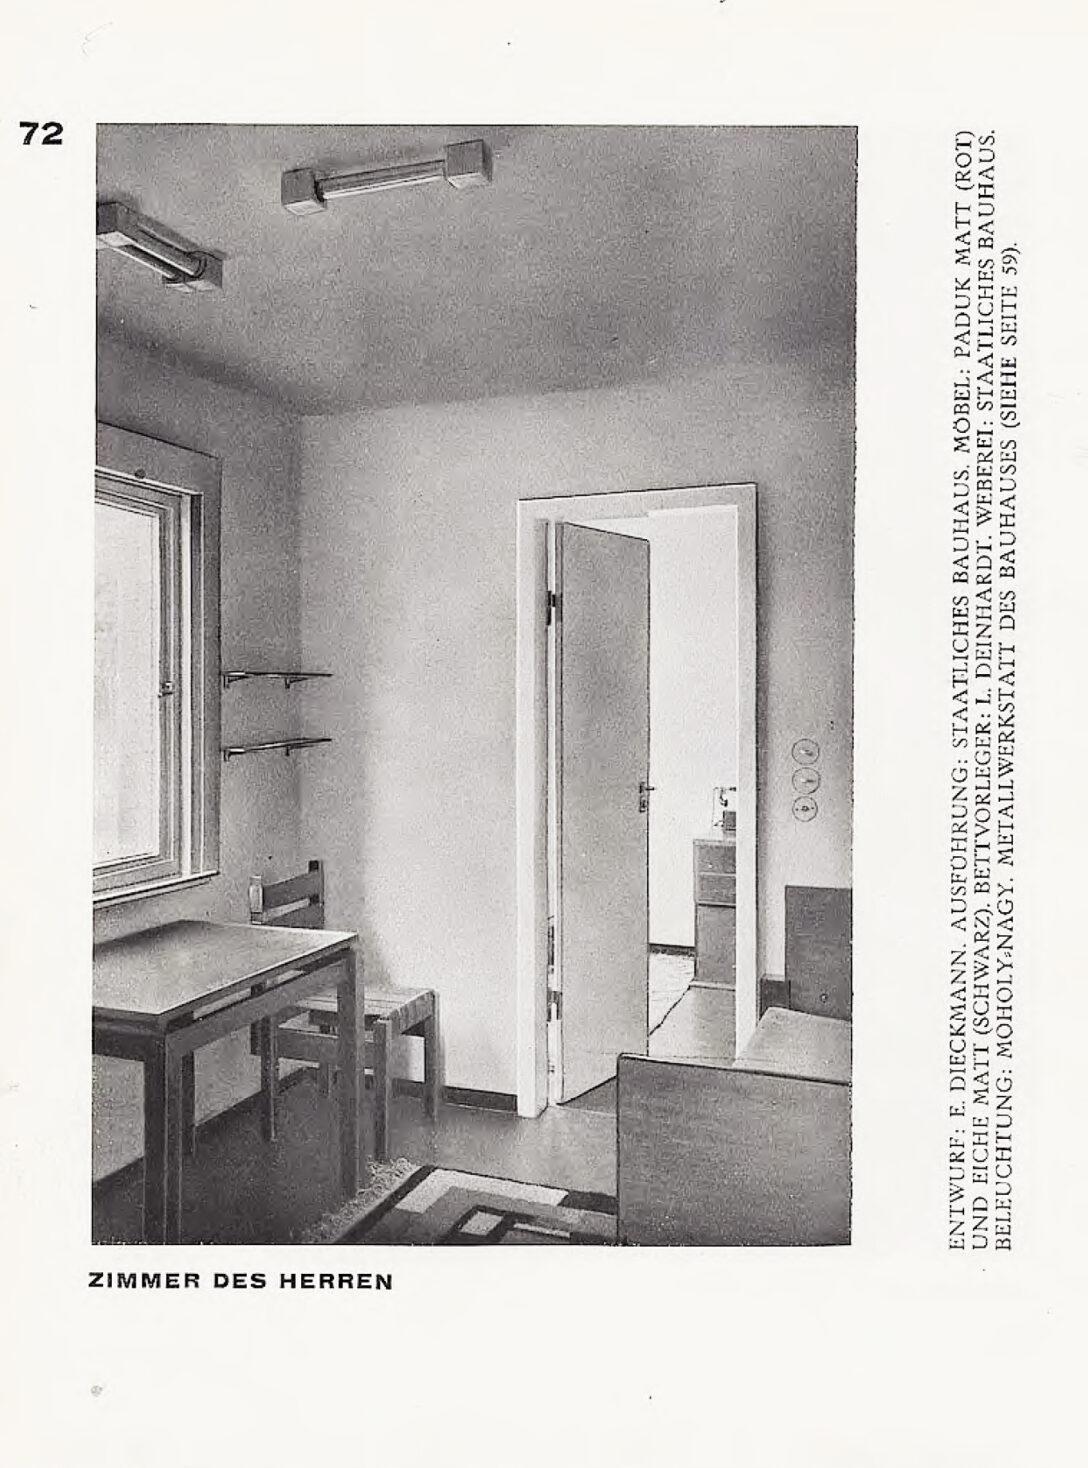 Large Size of Bauhausbuch 03 Meyer Das Versuchshaus Heizkörper Für Bad Elektroheizkörper Bauhaus Fenster Badezimmer Wohnzimmer Wohnzimmer Heizkörper Bauhaus